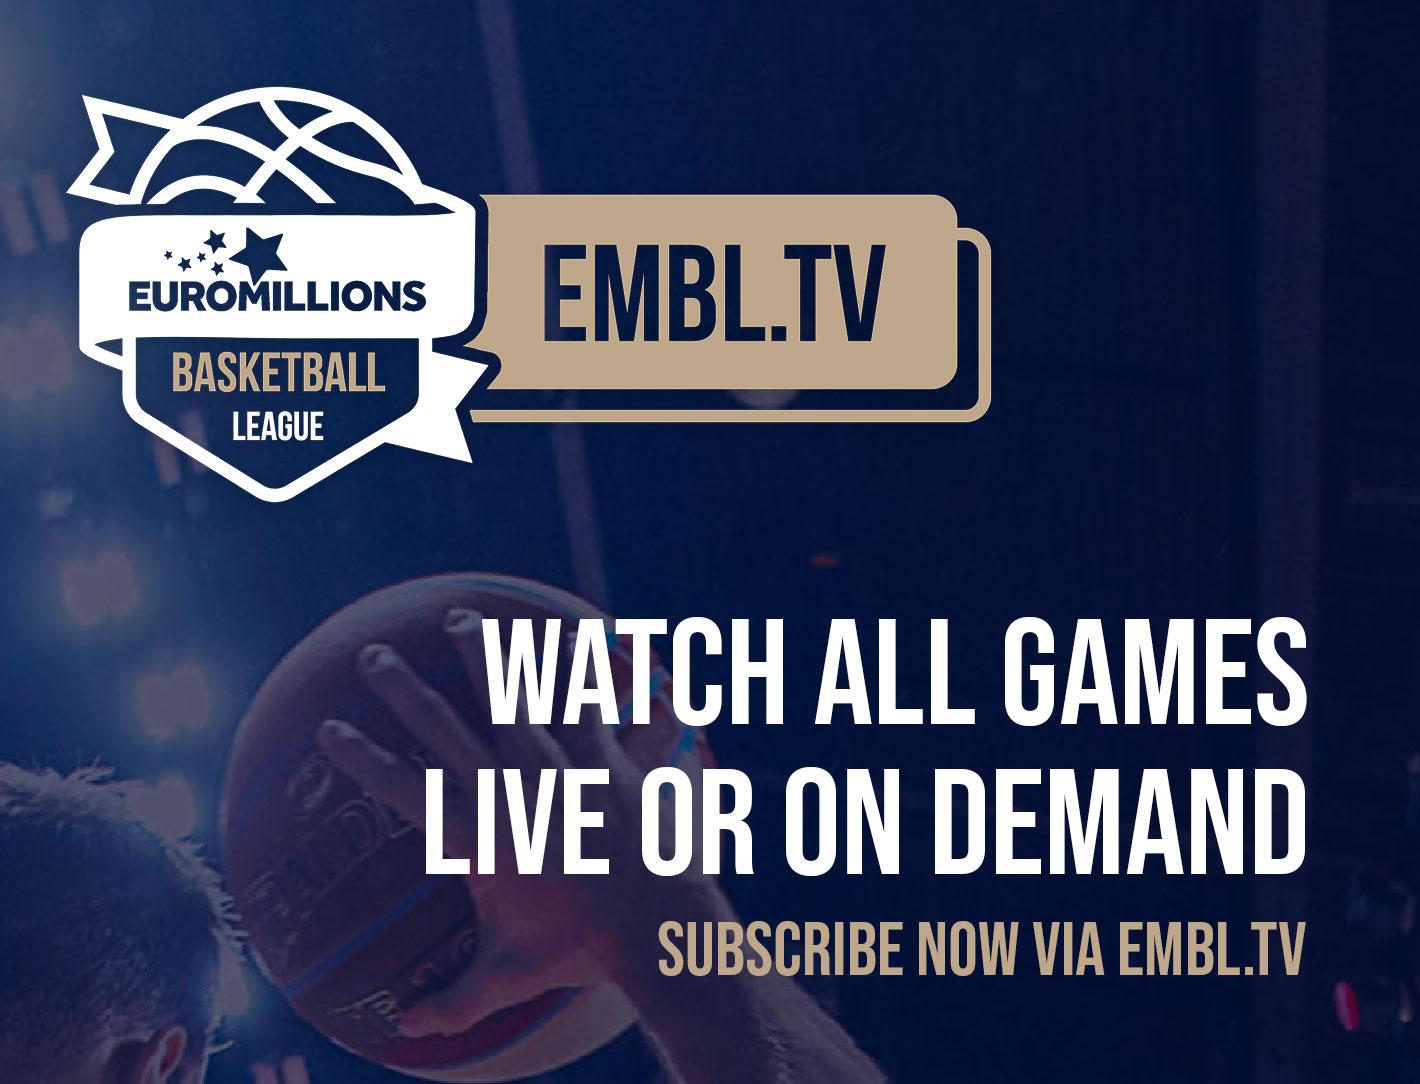 EMBL TV